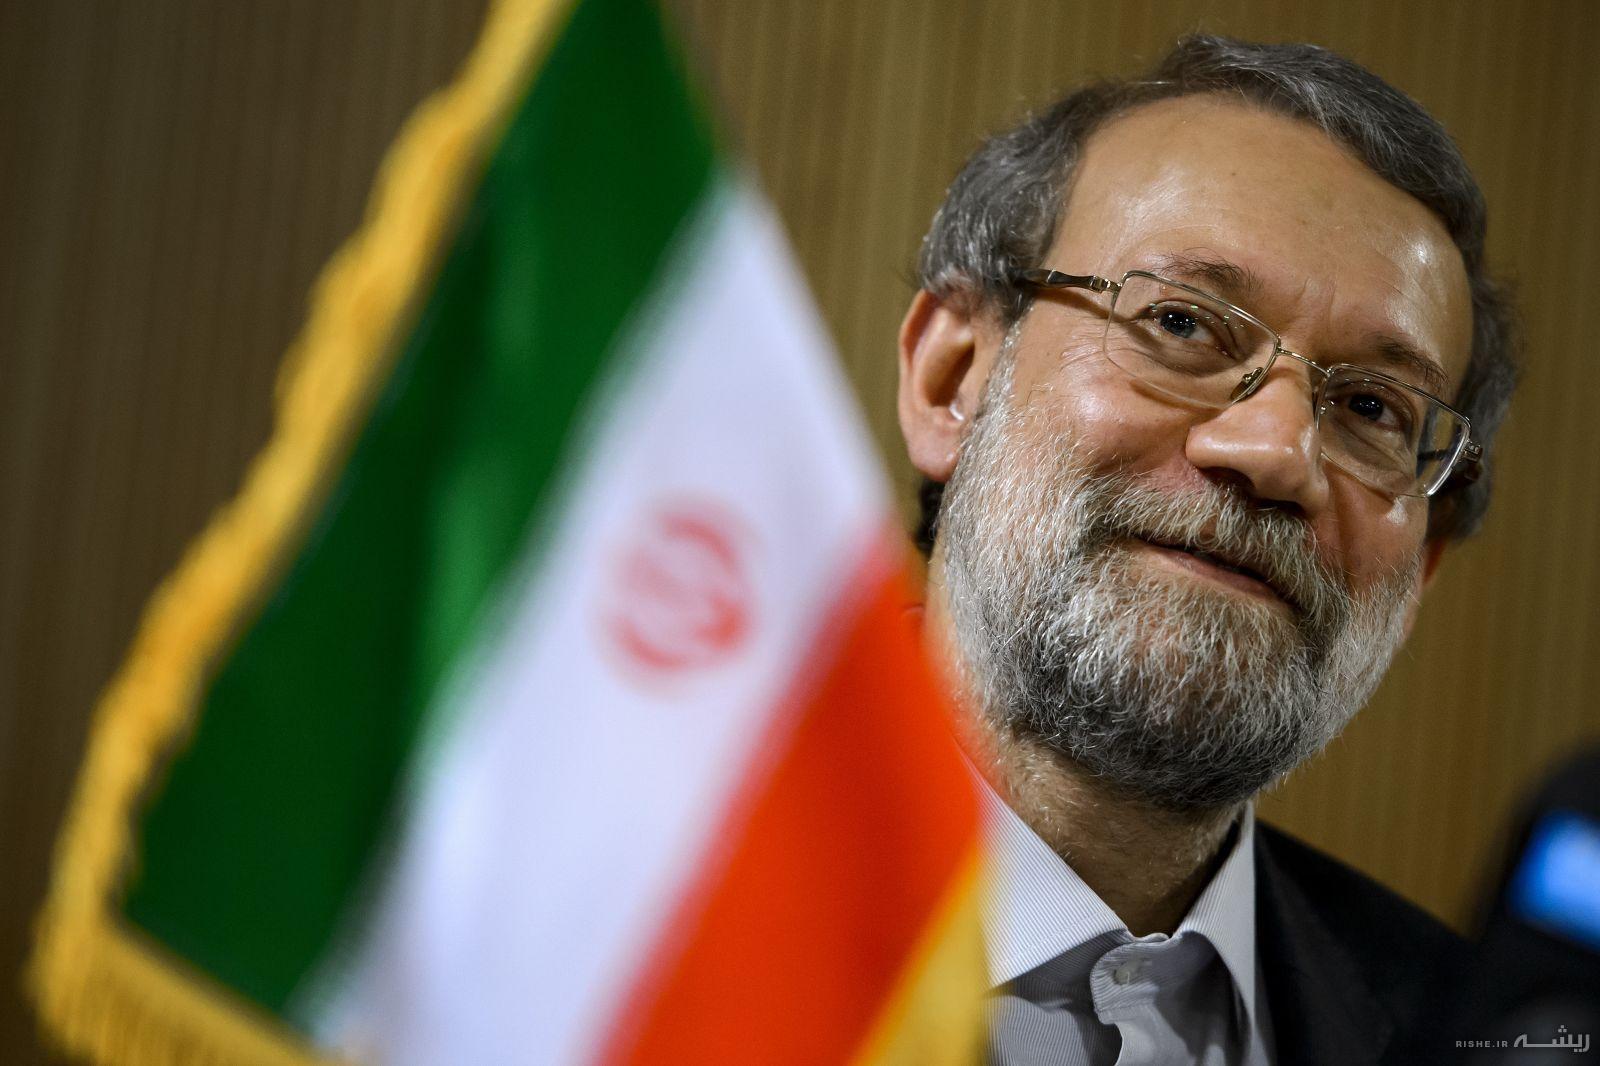 علی لاریجانی در مجلس استیضاح می شود